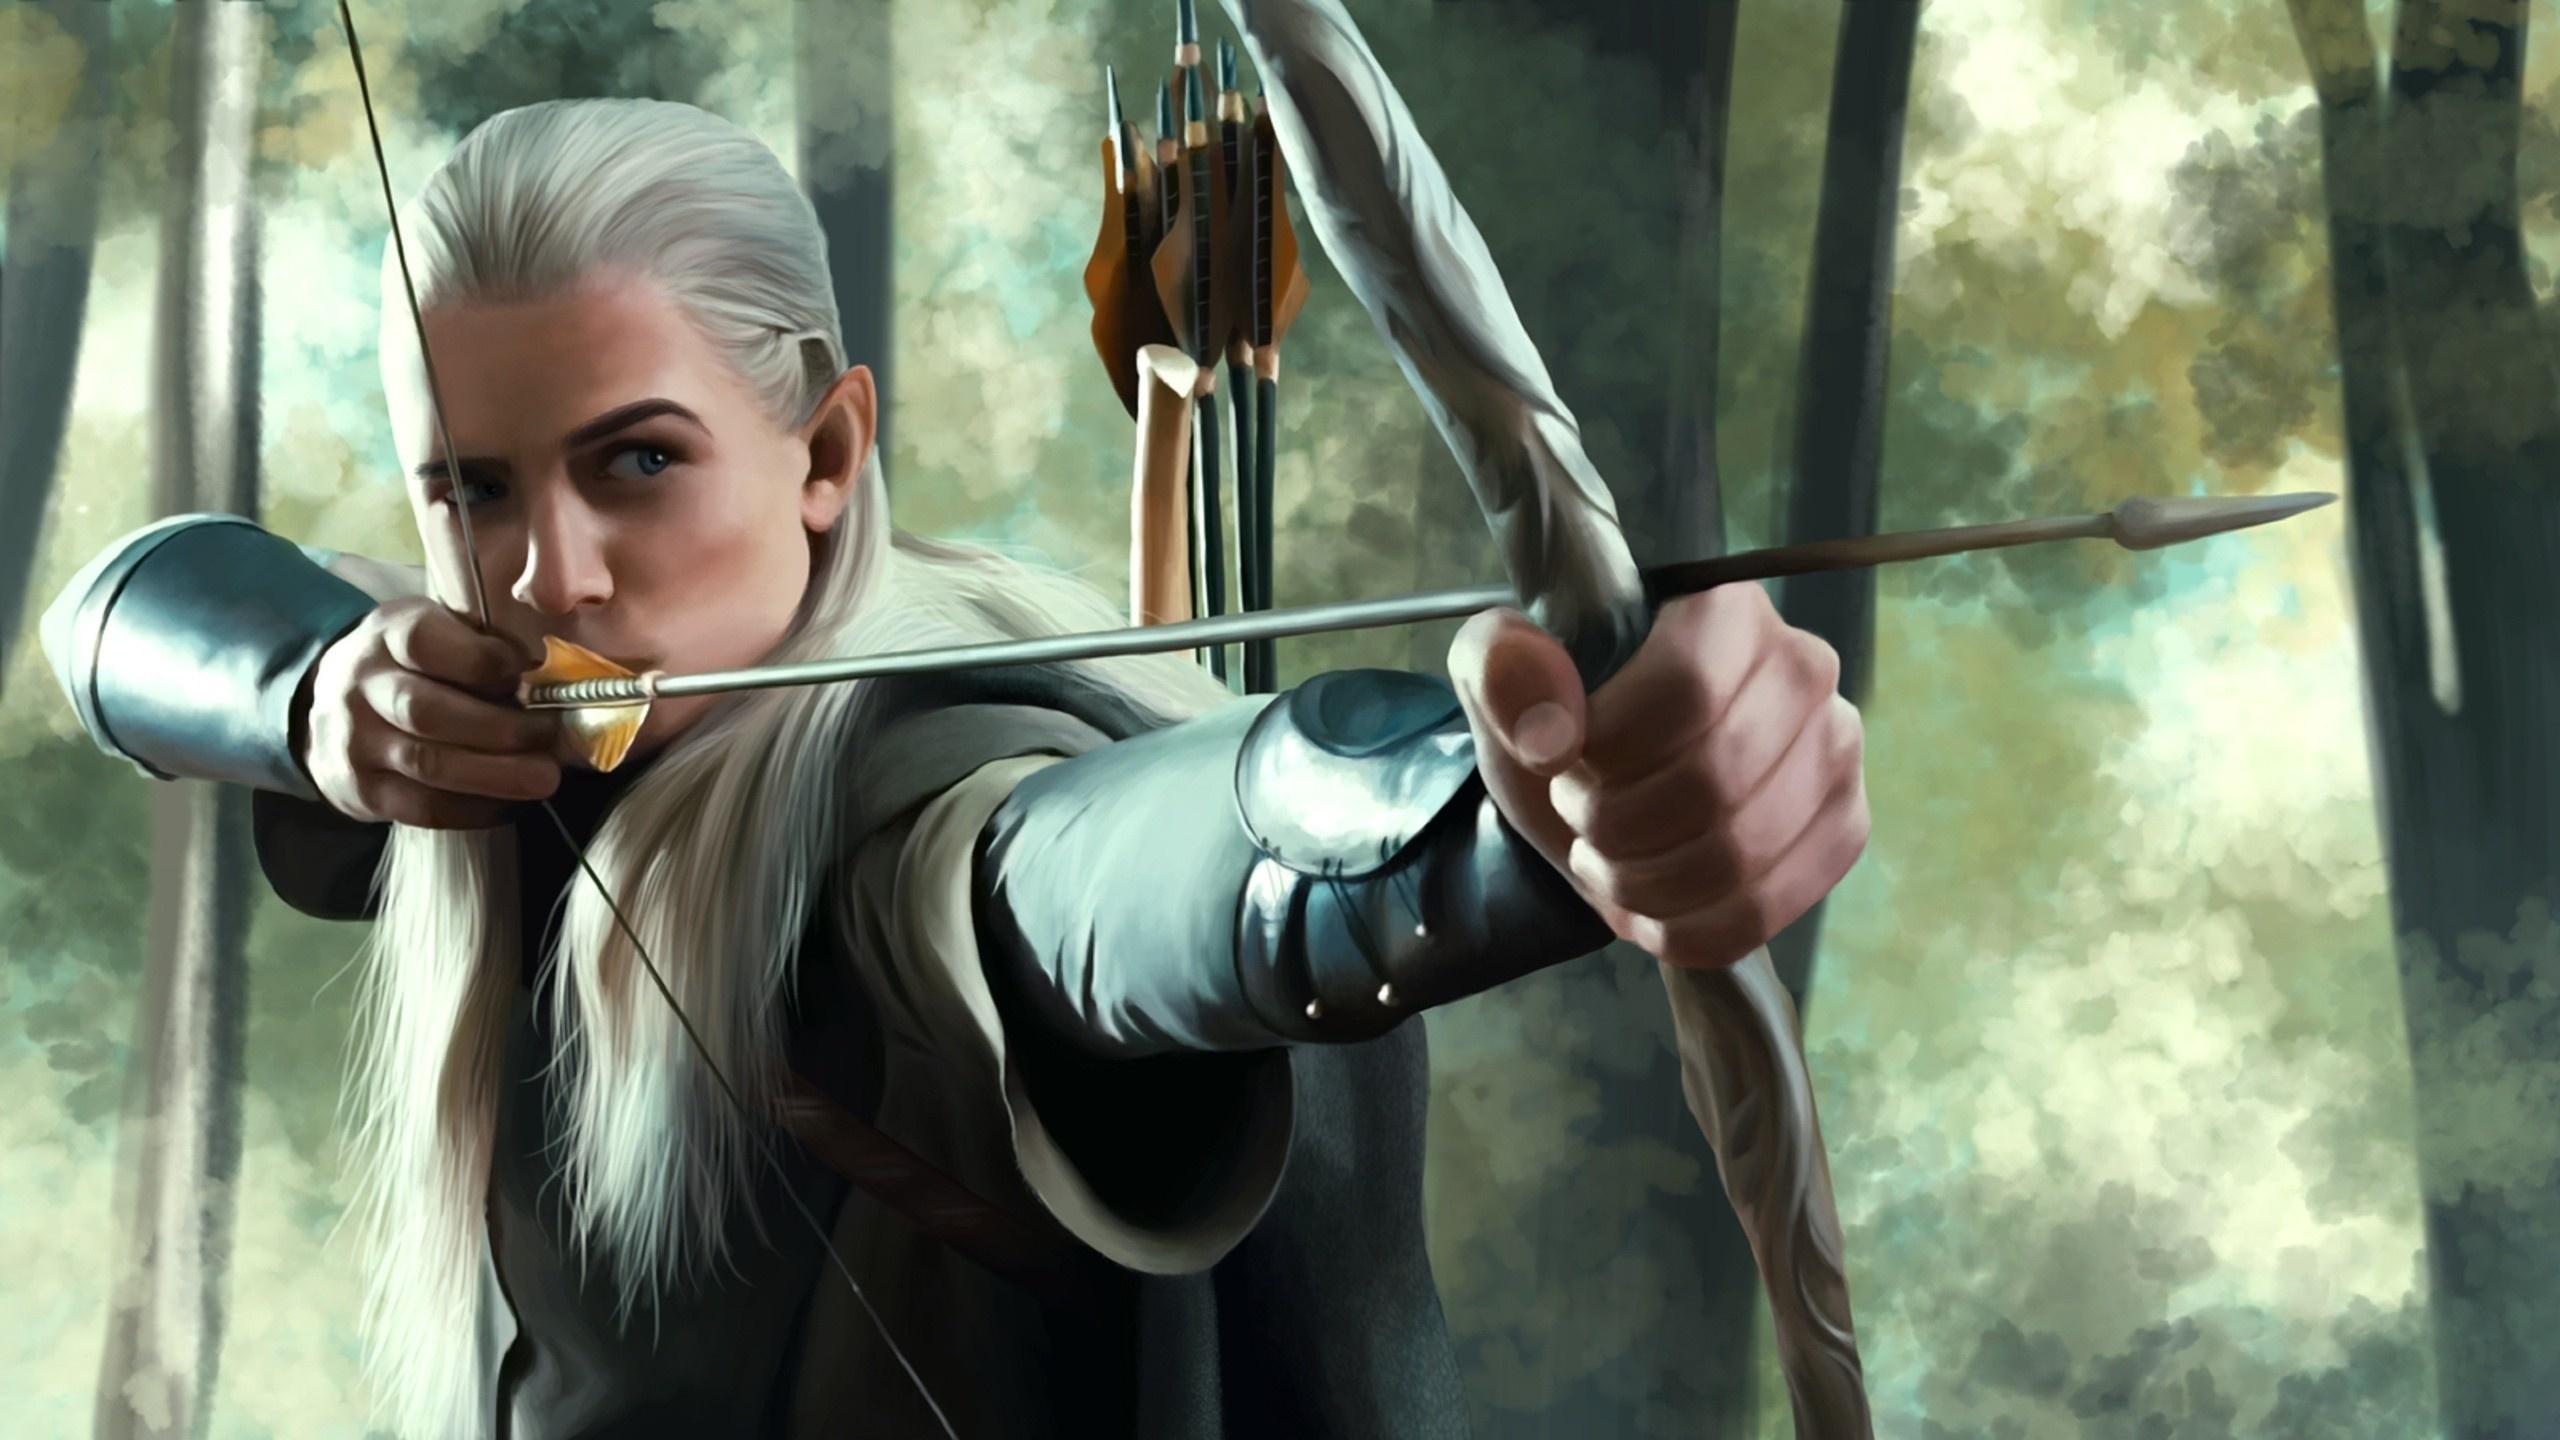 Legolas best picture